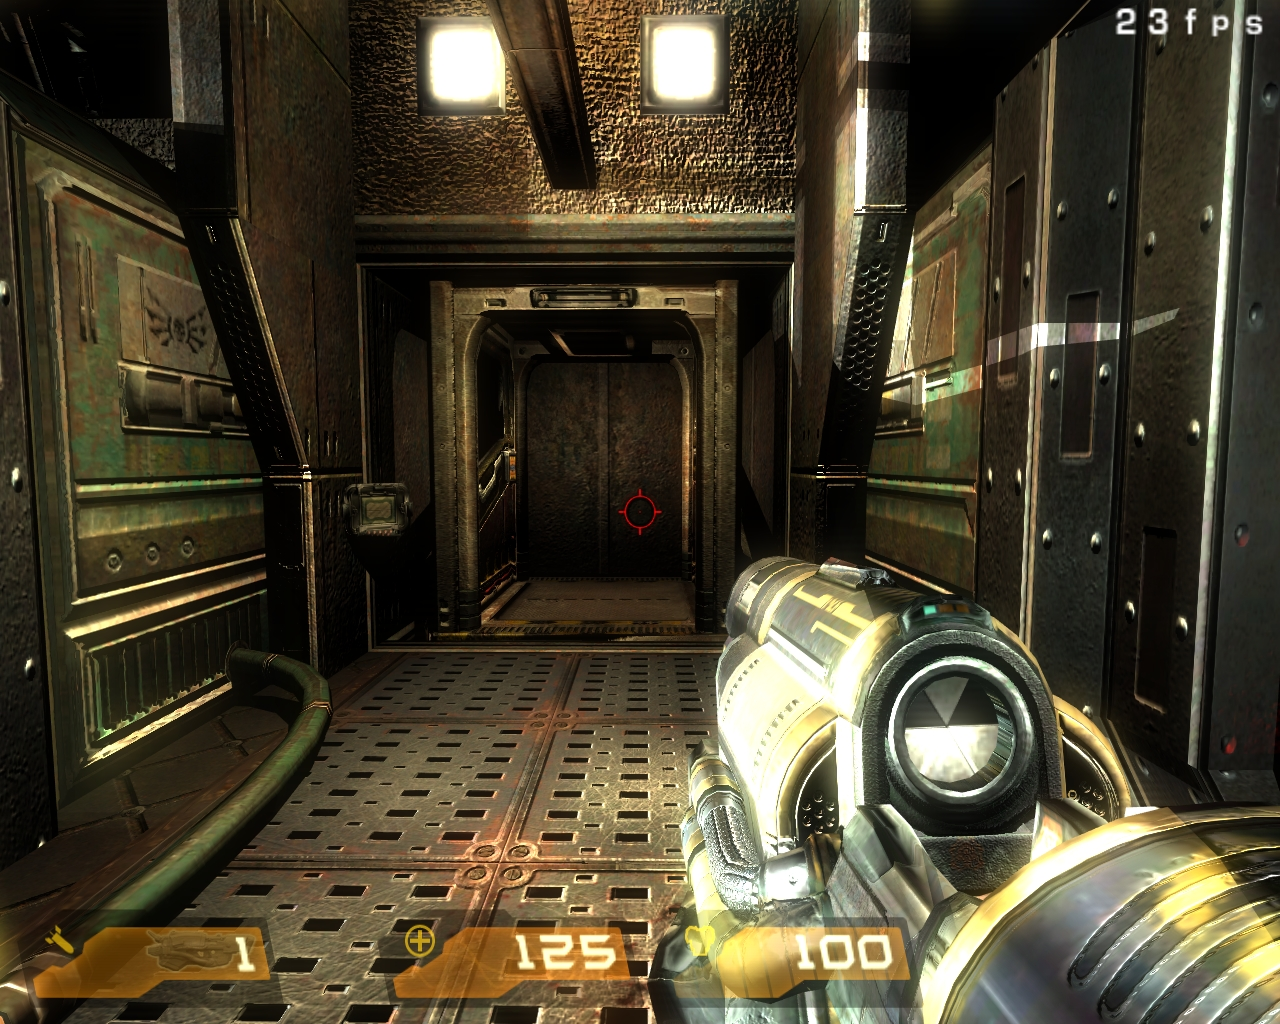 Images - Quake 4: Evolved mod for Quake 4 - Mod DB